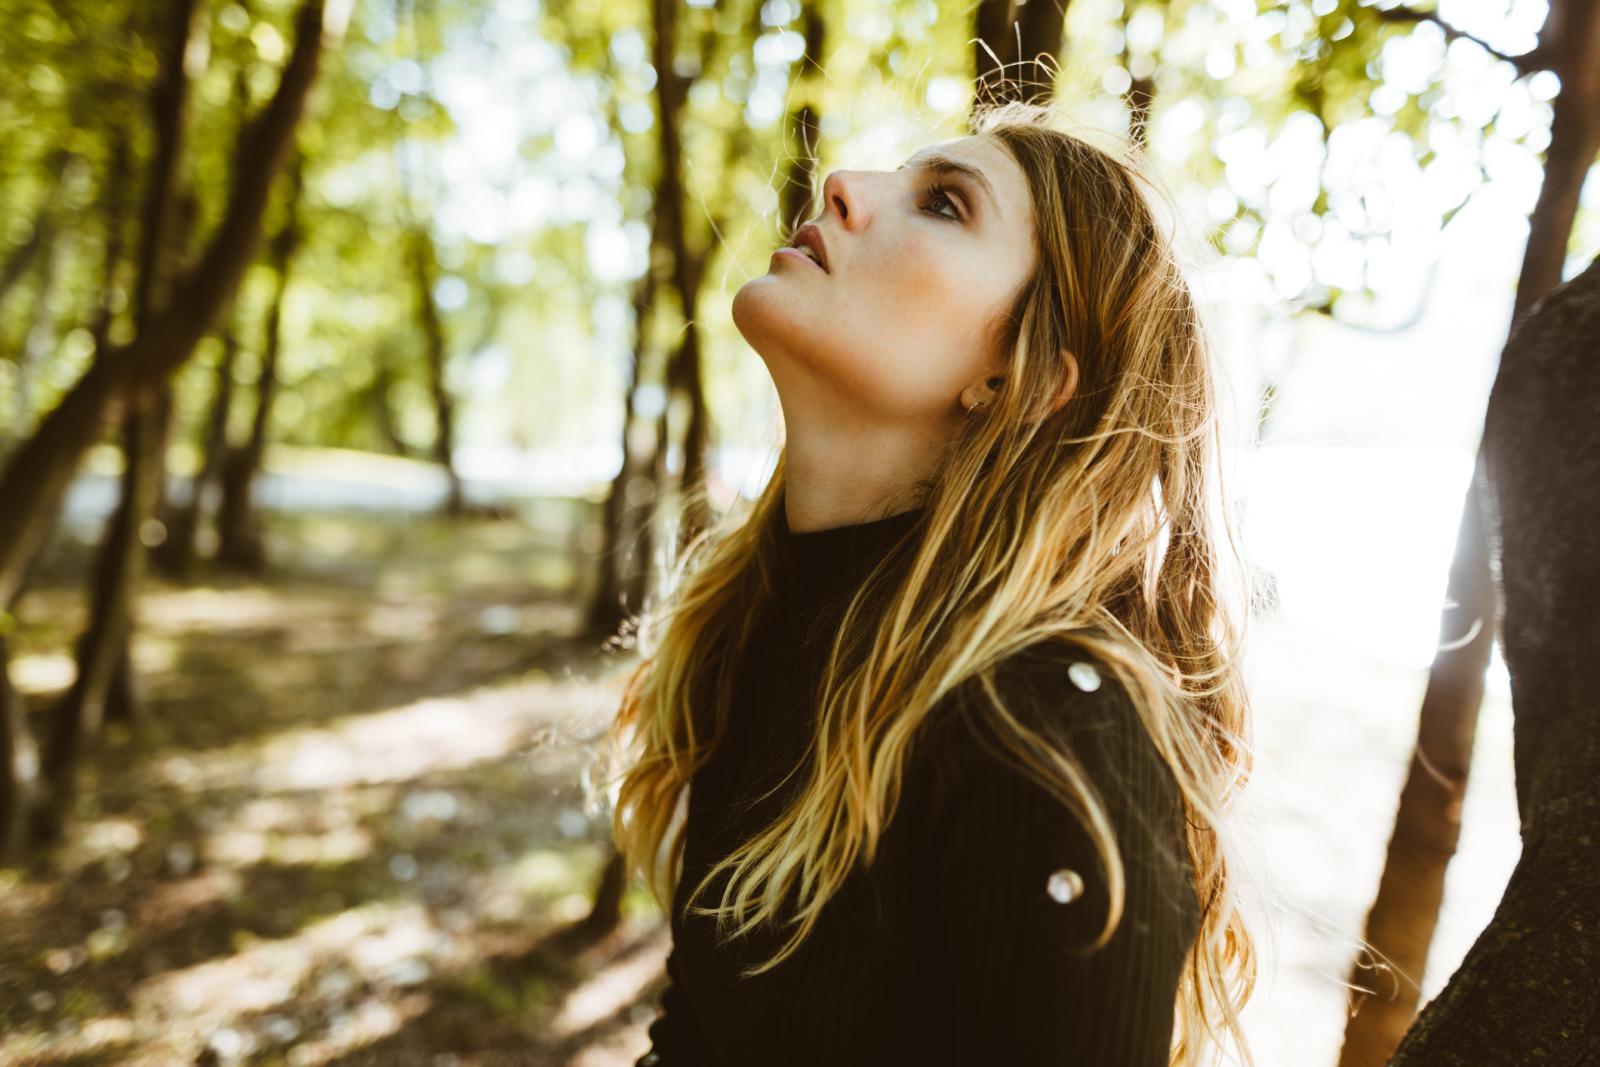 Trenuci tišine i usredotočenosti na nas same puno čine za naše zdravlje.